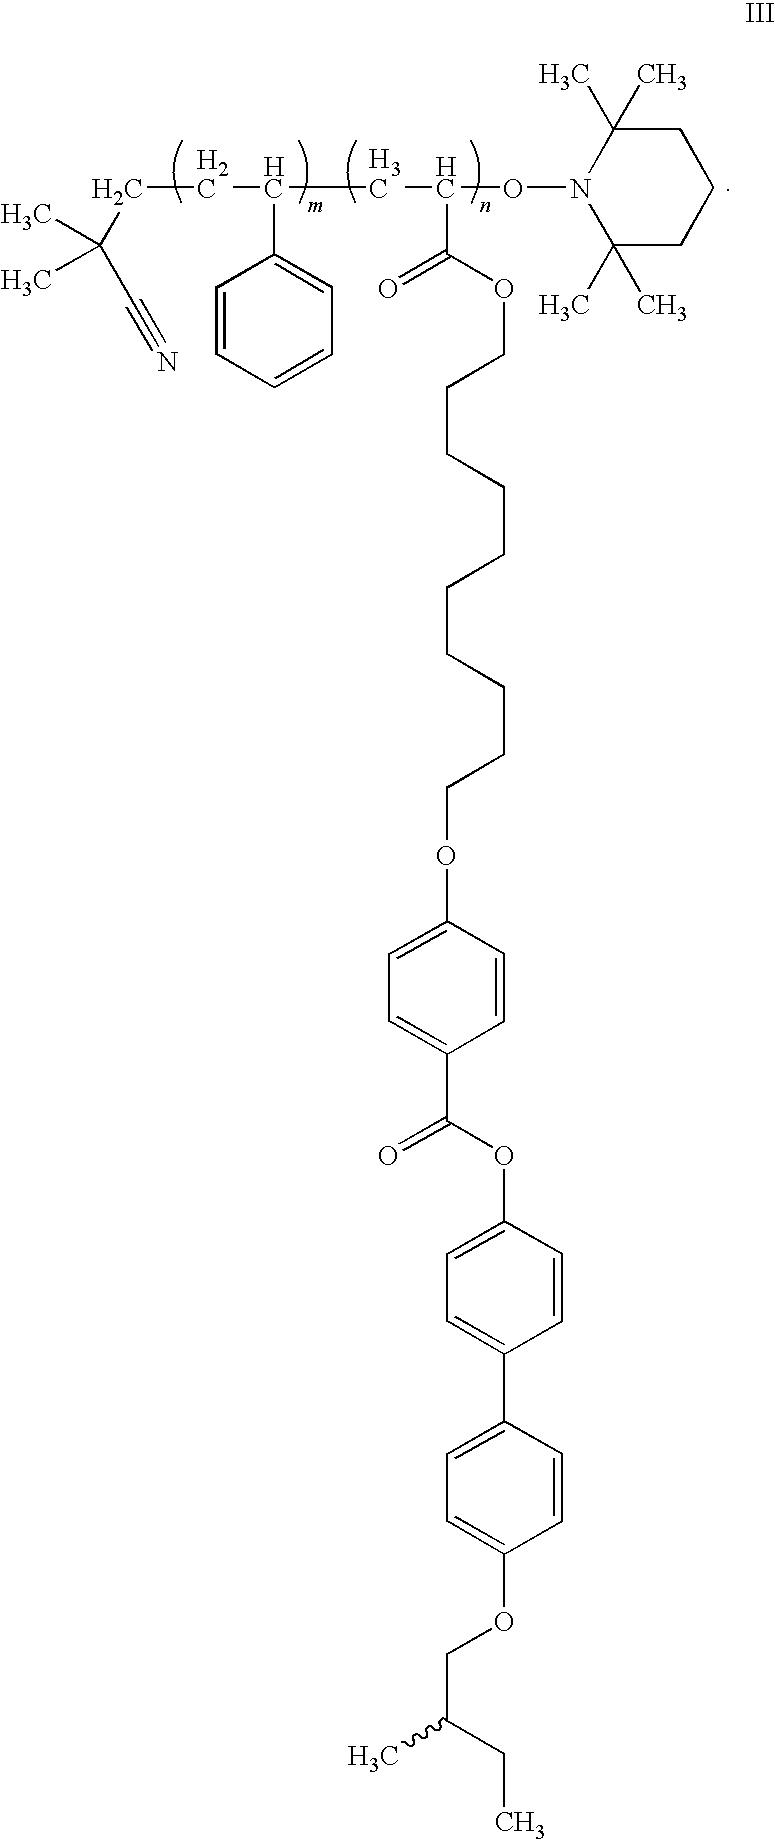 Figure US07582078-20090901-C00007